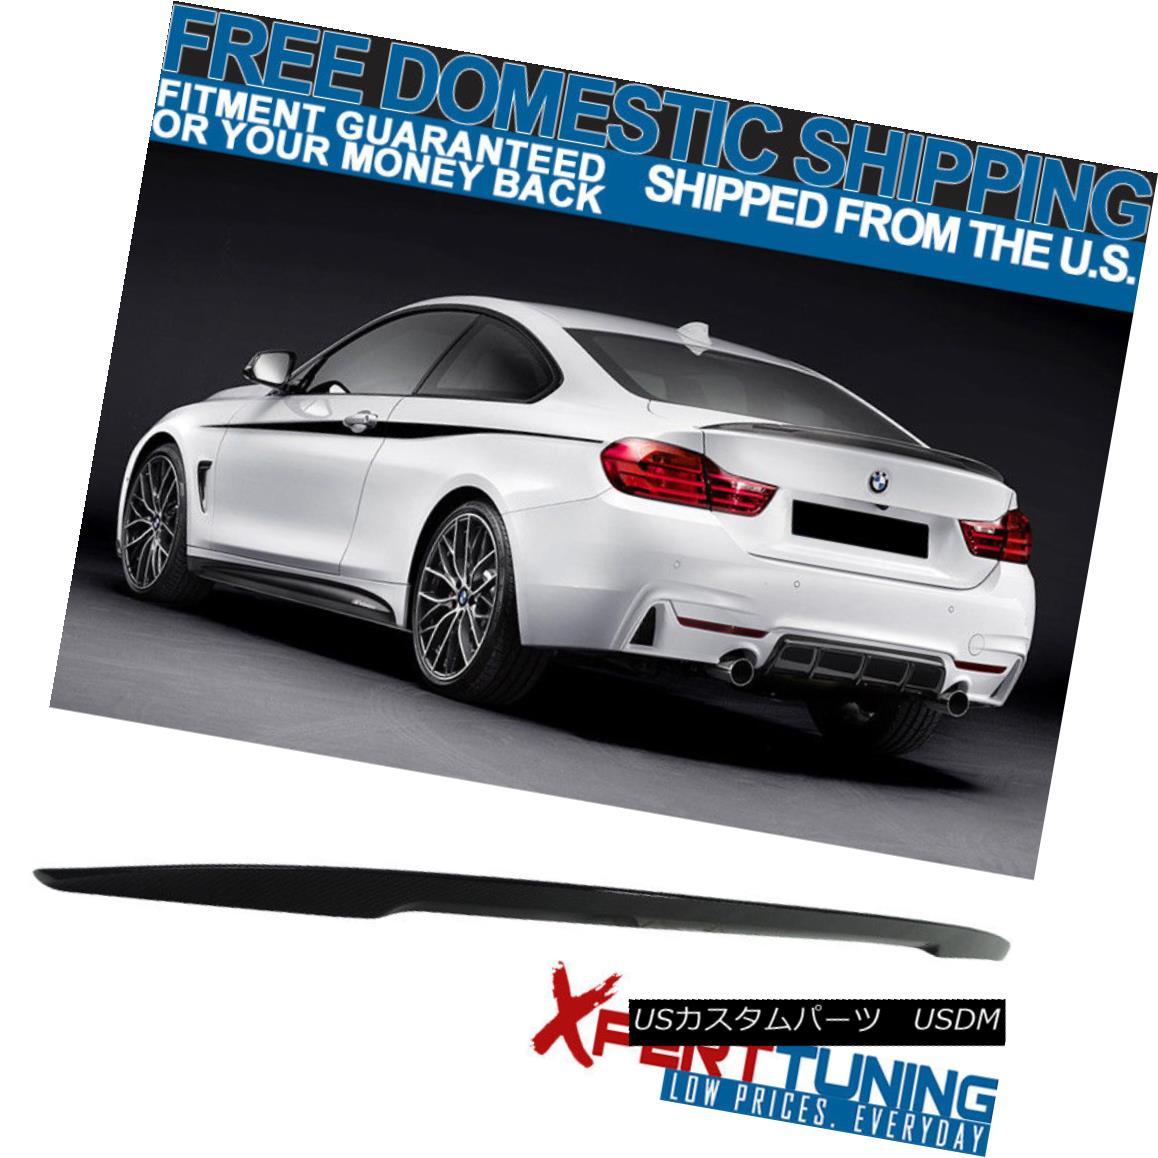 エアロパーツ 14-17 BMW F33 4 Series Performance Carbon Fiber CF Trunk Spoiler Wing ABS 14-17 BMW F33 4シリーズ性能炭素繊維CFトランク・スポイラーウィングABS